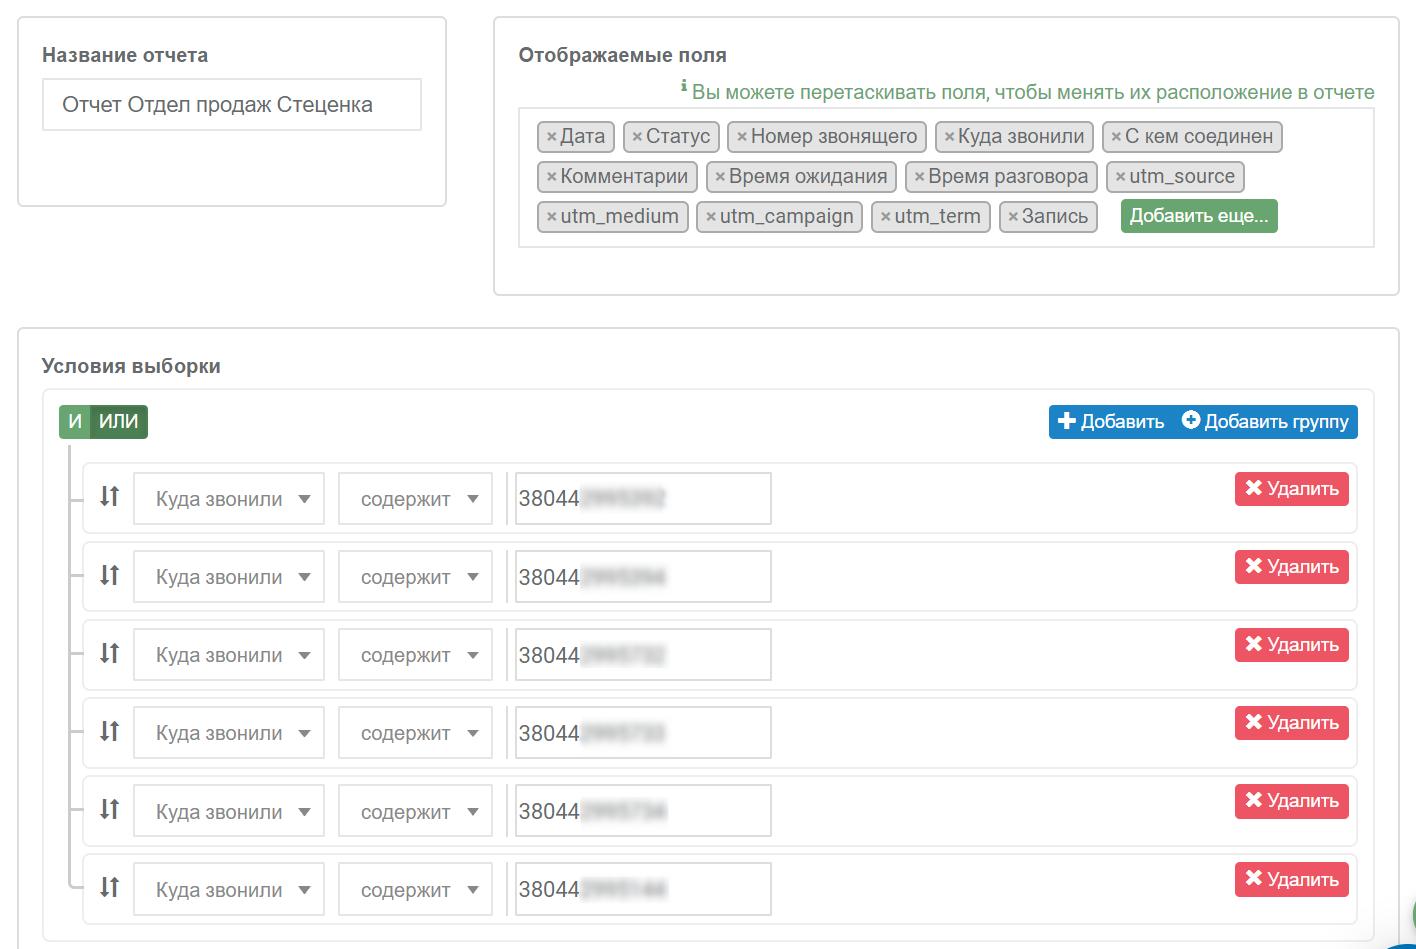 Коллтрекинг для застройщика, у которого несколько объектов на одном сайте